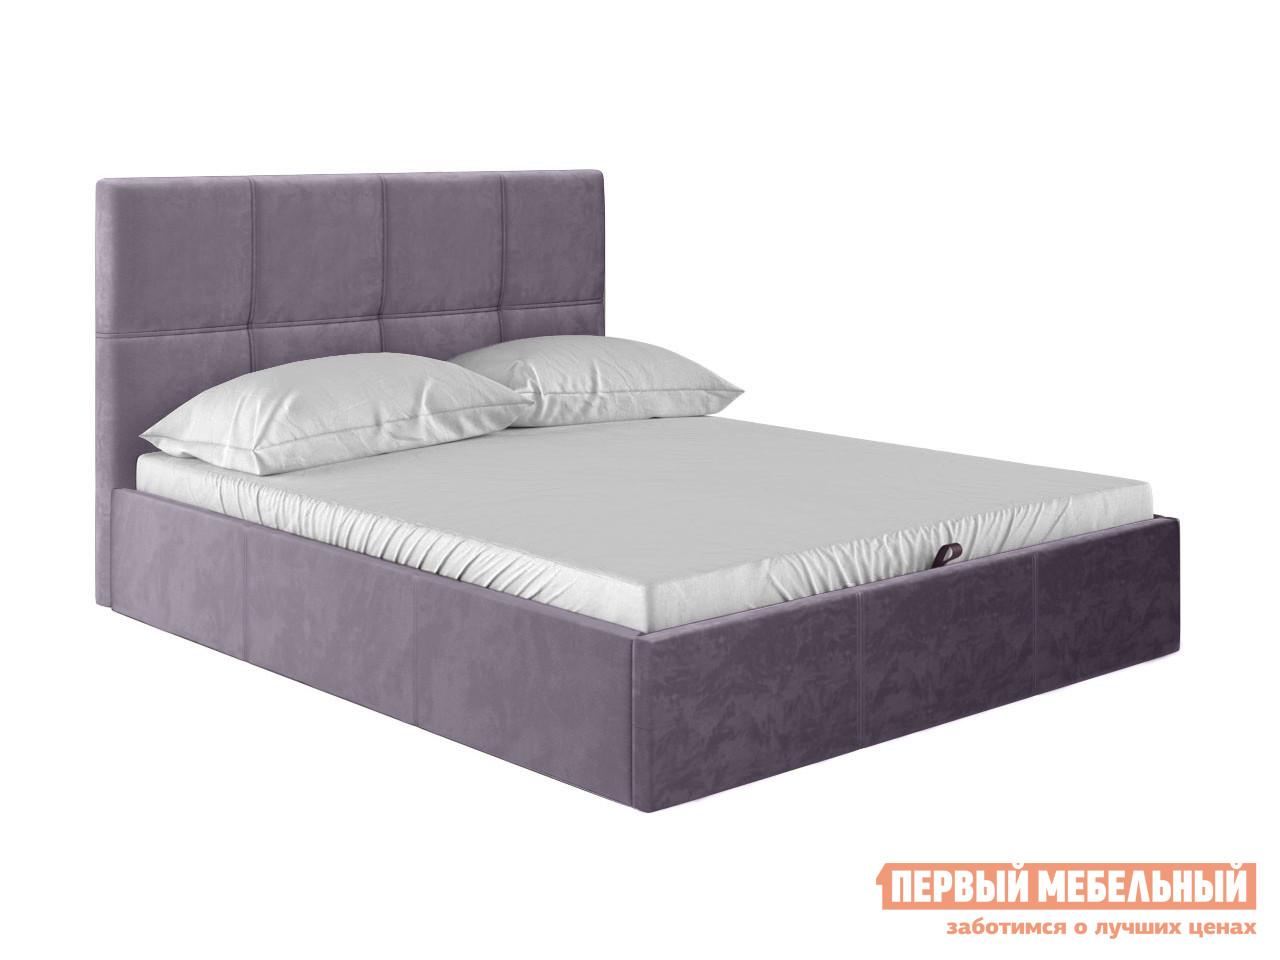 Двуспальная кровать  Верда Лаванда, велюр, 180х200 см Первый Мебельный 118633